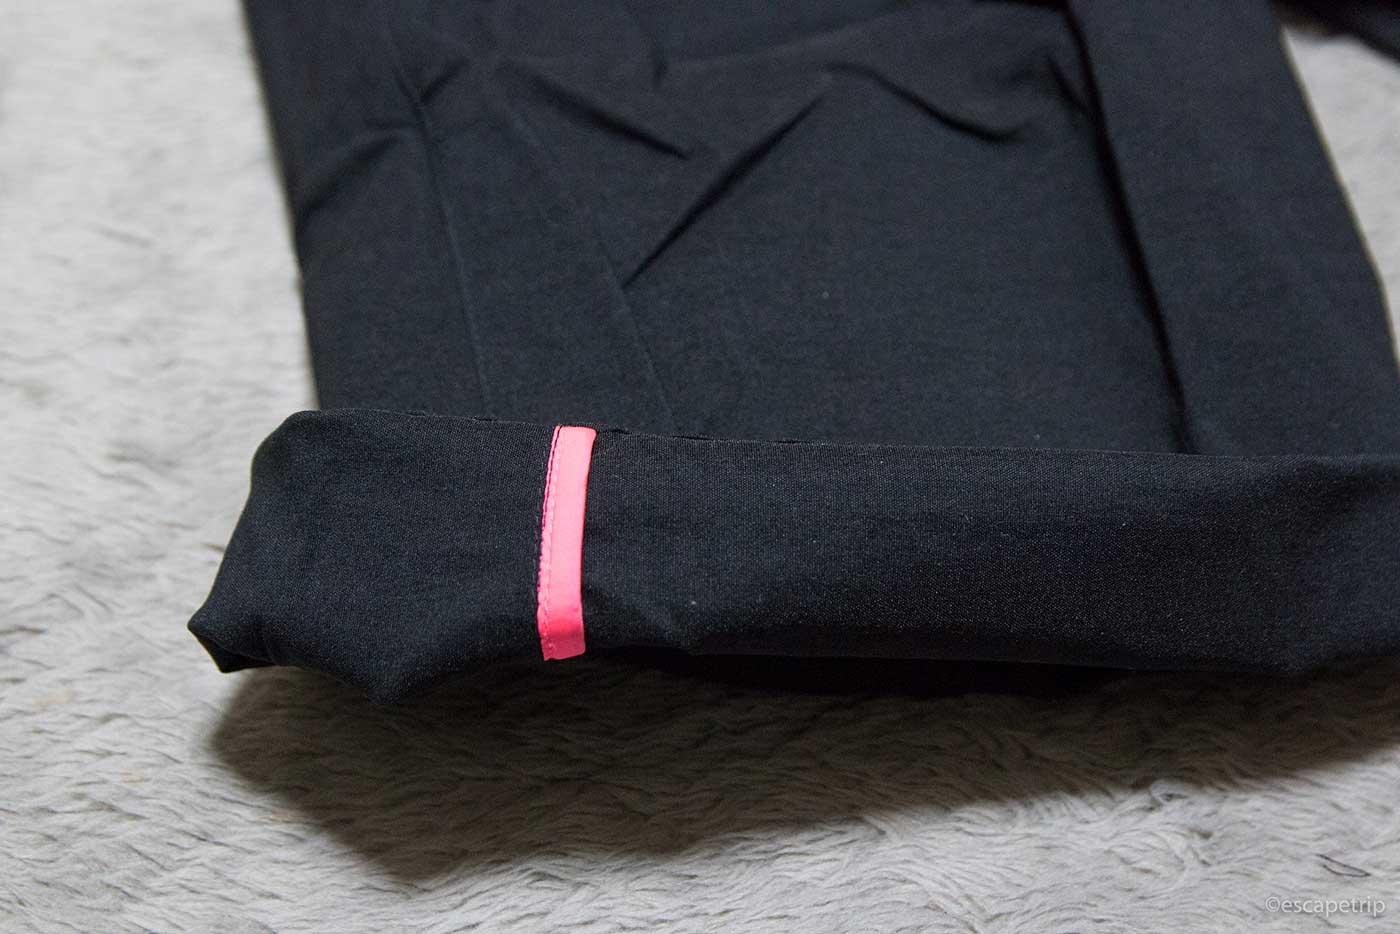 ラファの短パン「Randonnee Shorts」の裾